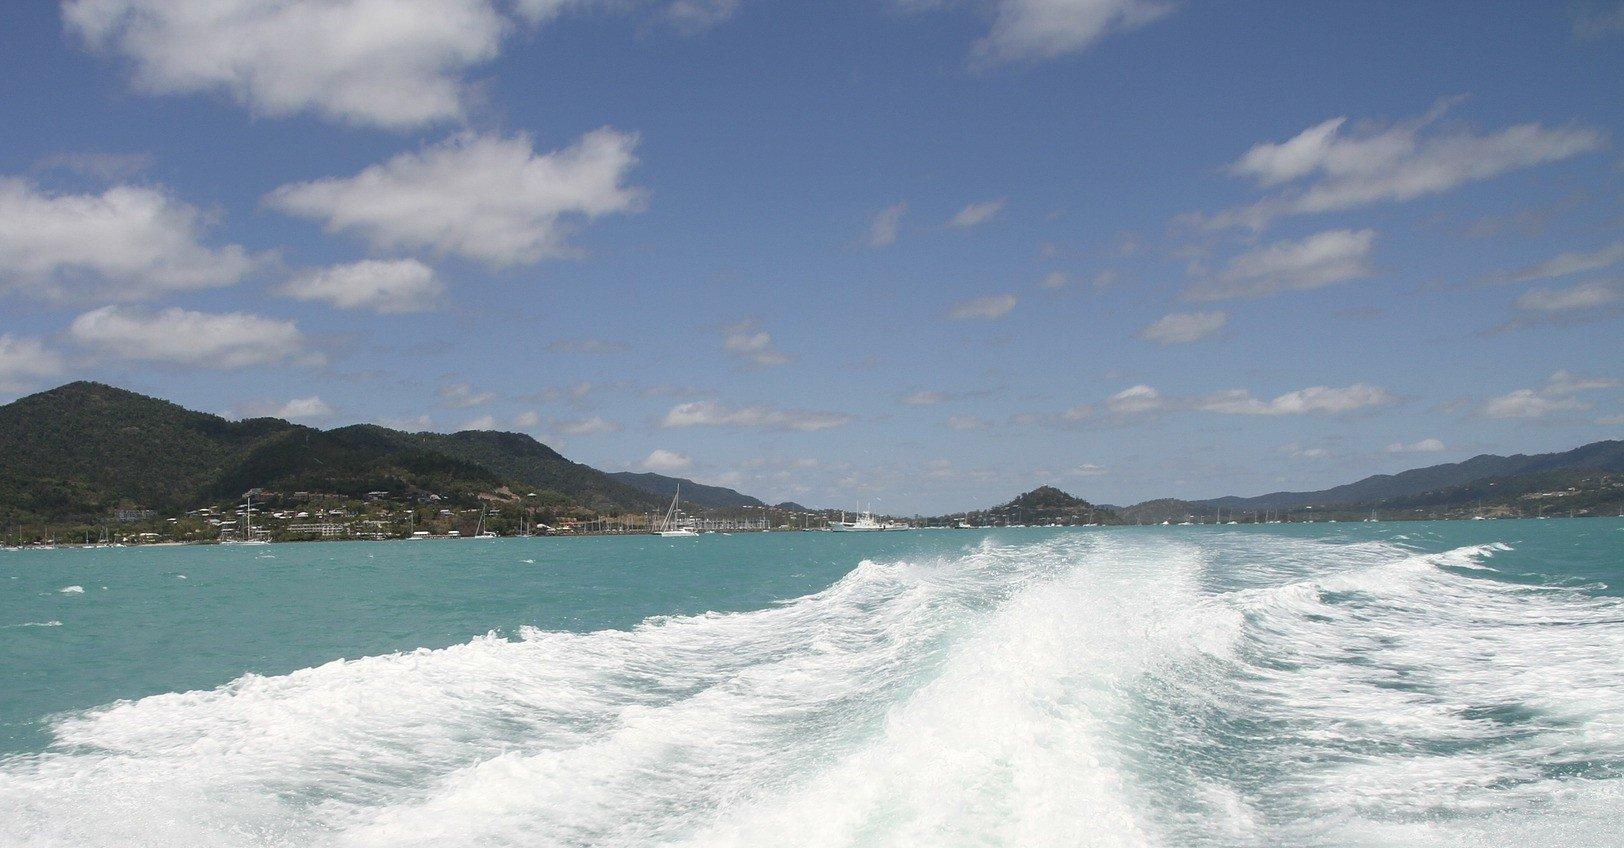 3D Scanning Helps Optimise Marine Aerodynamics